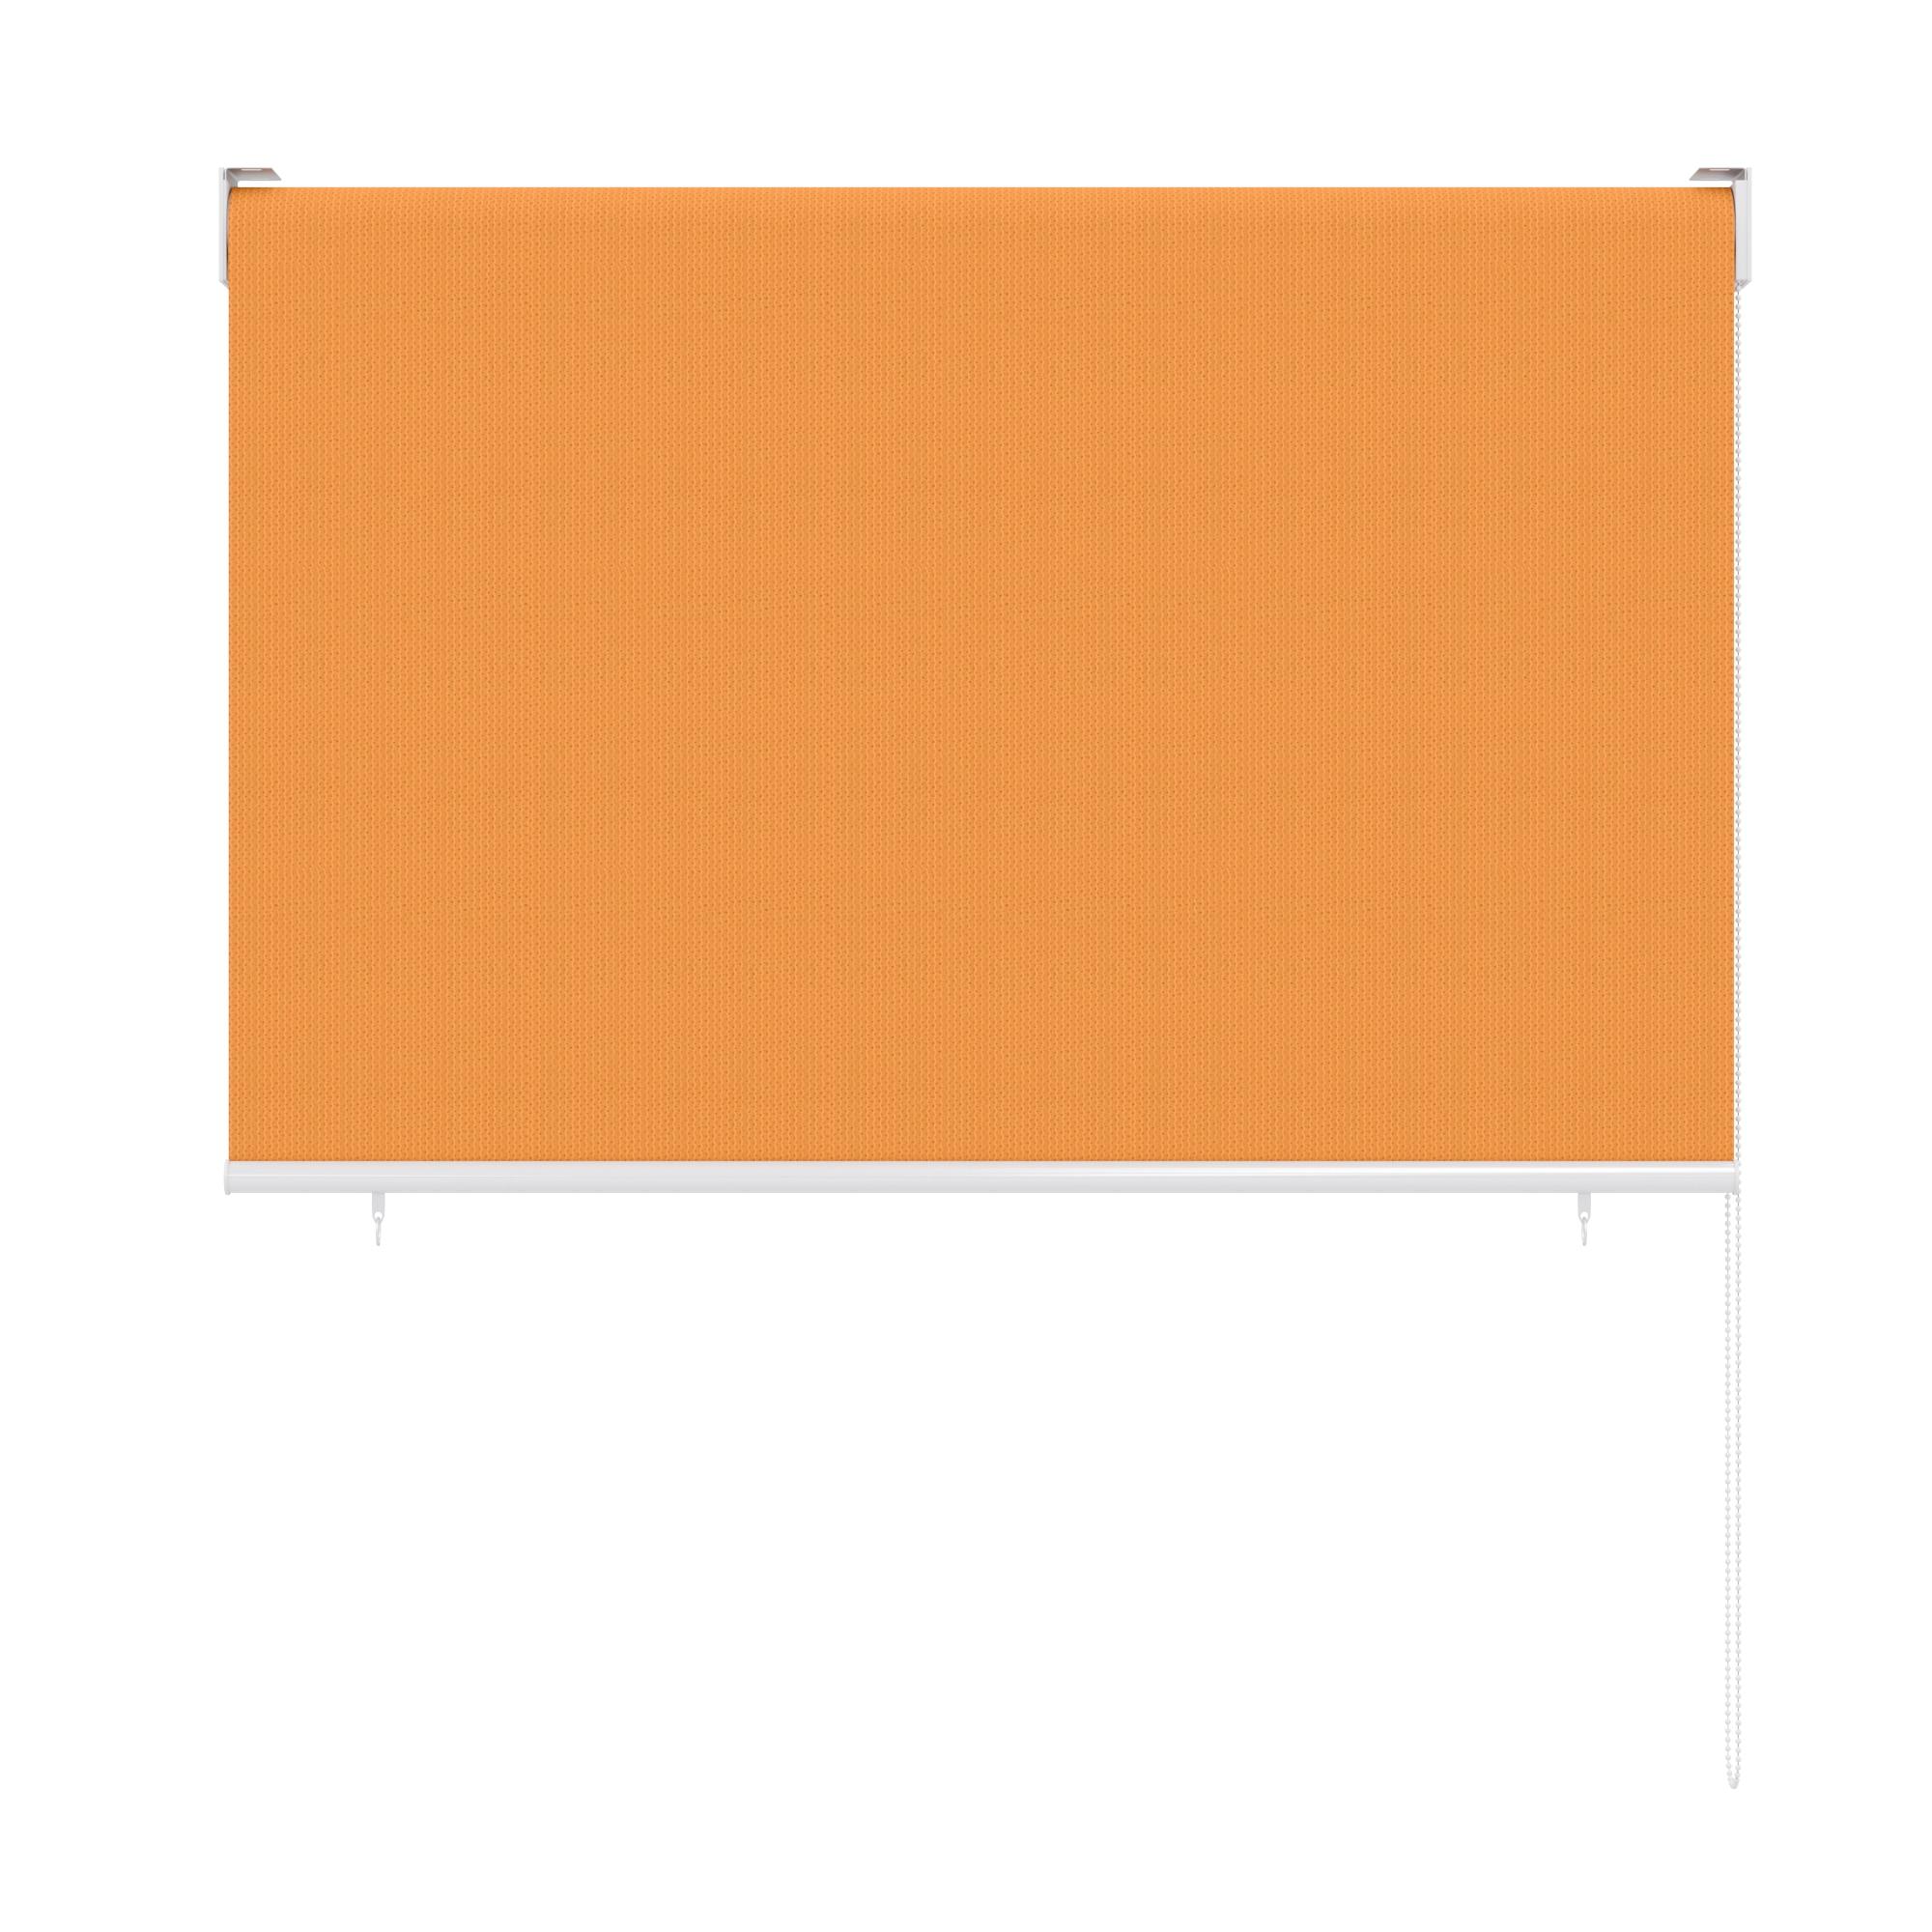 au enrollo balkon senkrechtmarkise 100 x 240cm orange. Black Bedroom Furniture Sets. Home Design Ideas